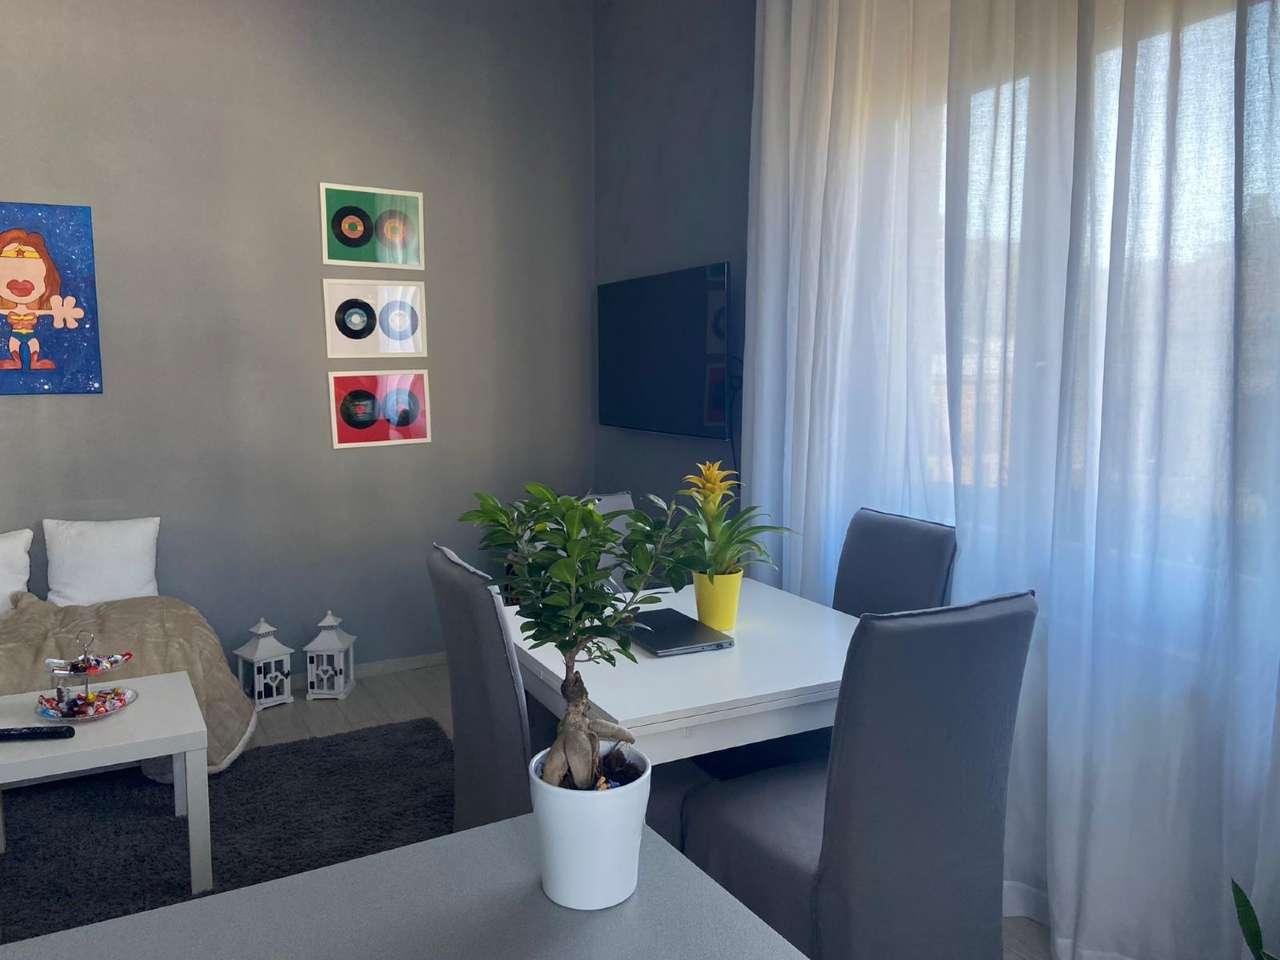 Appartamento, Viale degli Alimena, Centro, Cosenza, foto 0